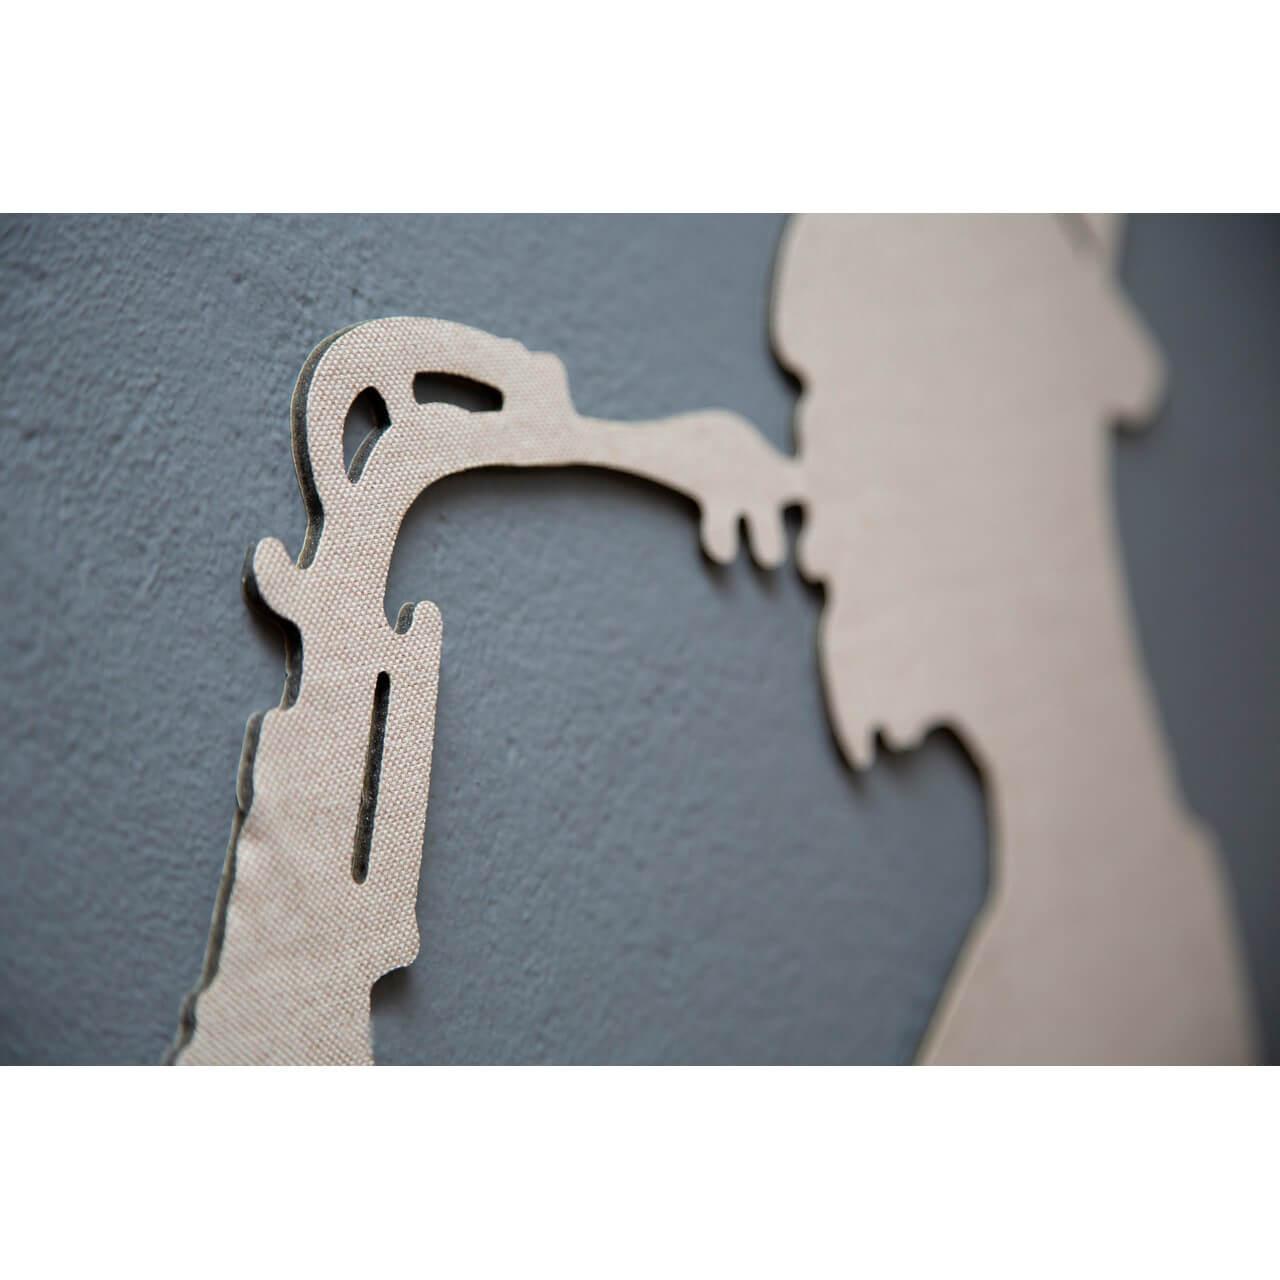 Proveedores de componentes o servicios para decoración mural